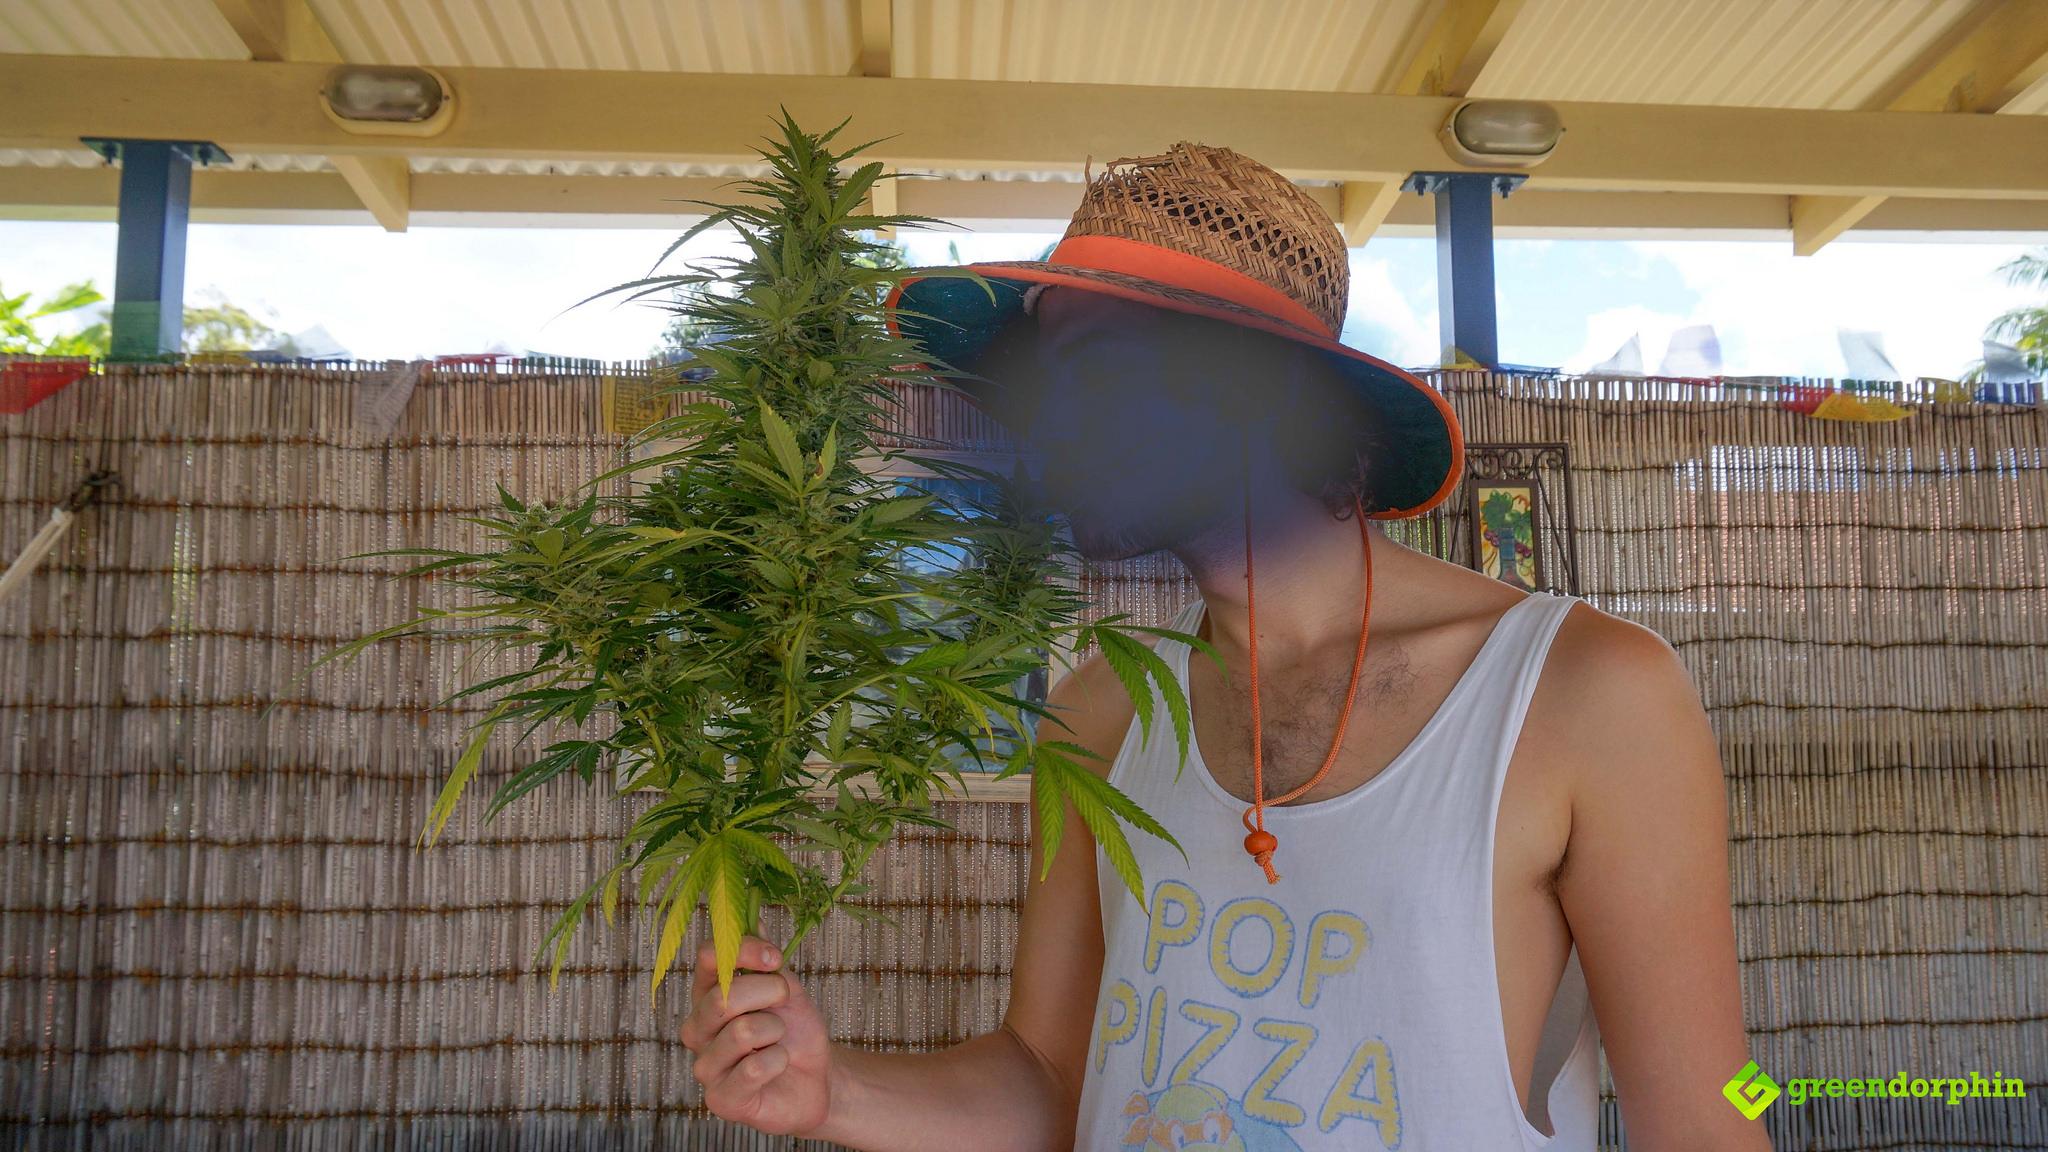 Grow Cannabis harvesting